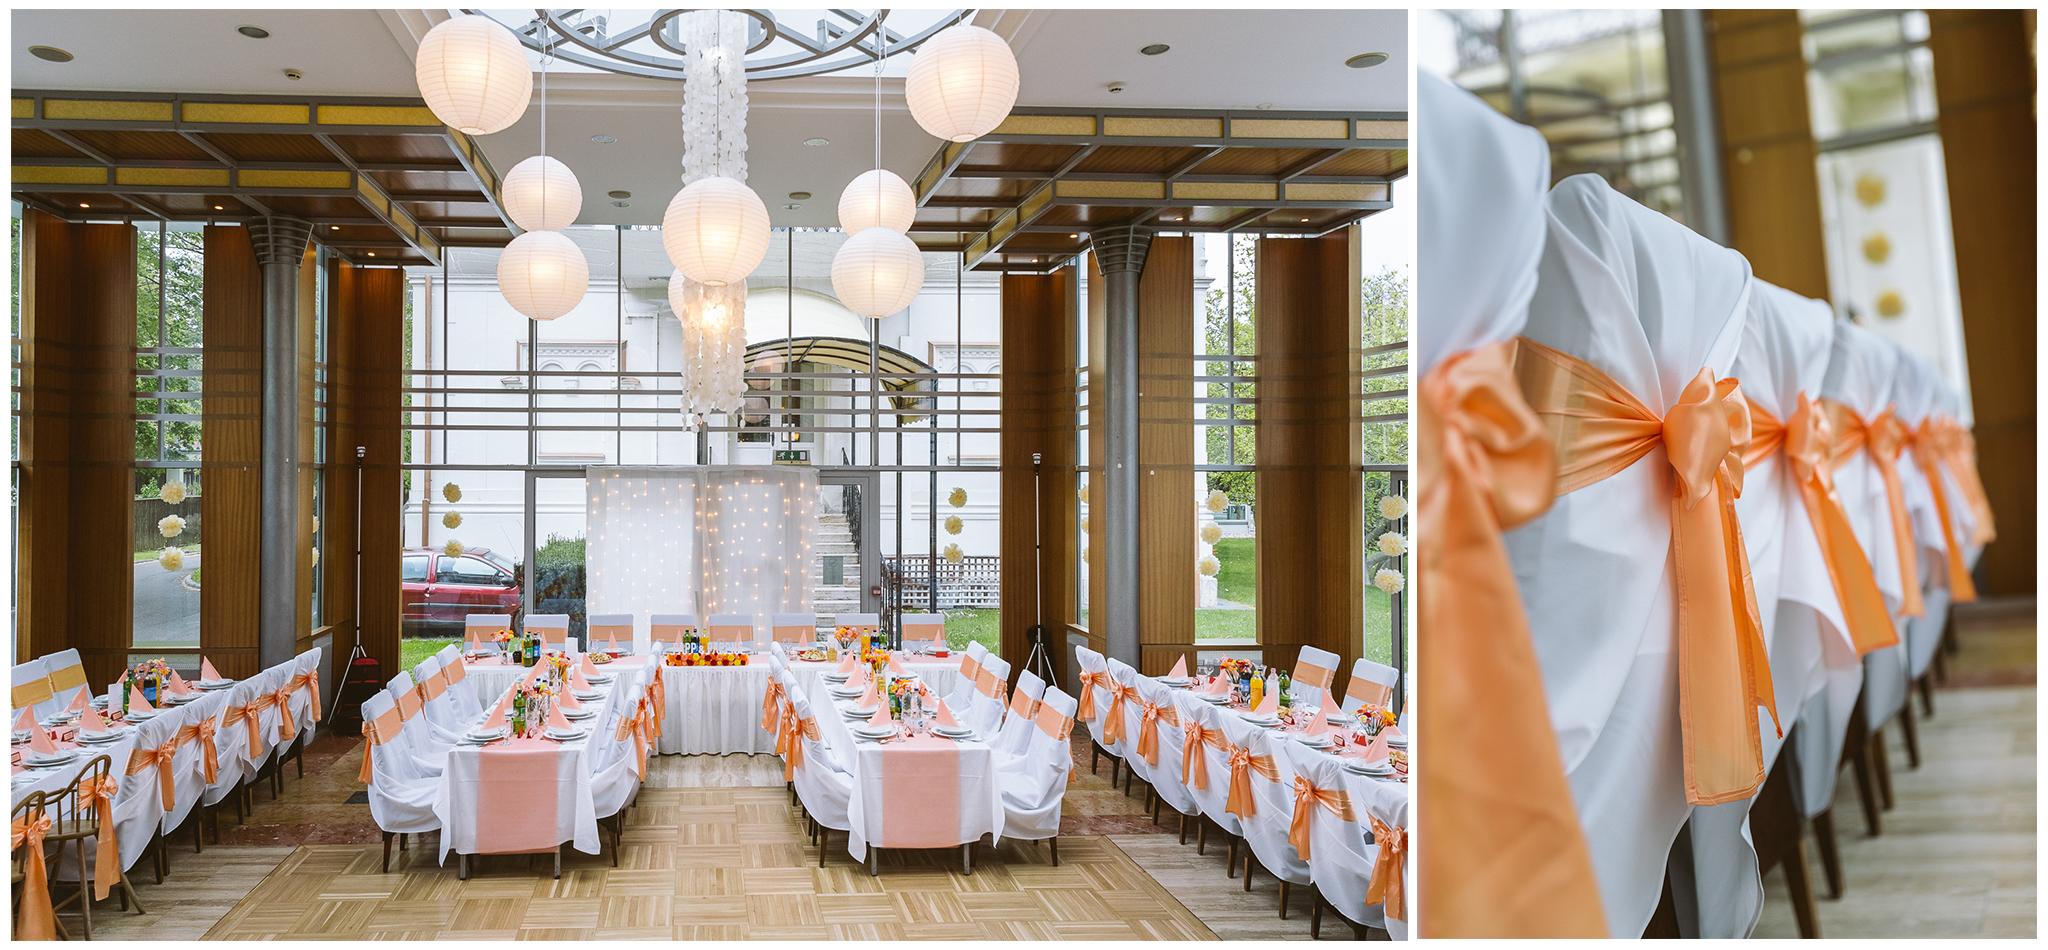 FylepPhoto, esküvőfotós, esküvői fotós Körmend, Szombathely, esküvőfotózás, magyarország, vas megye, prémium, jegyesfotózás, Fülöp Péter, körmend, kreatív, fotográfus_031.jpg